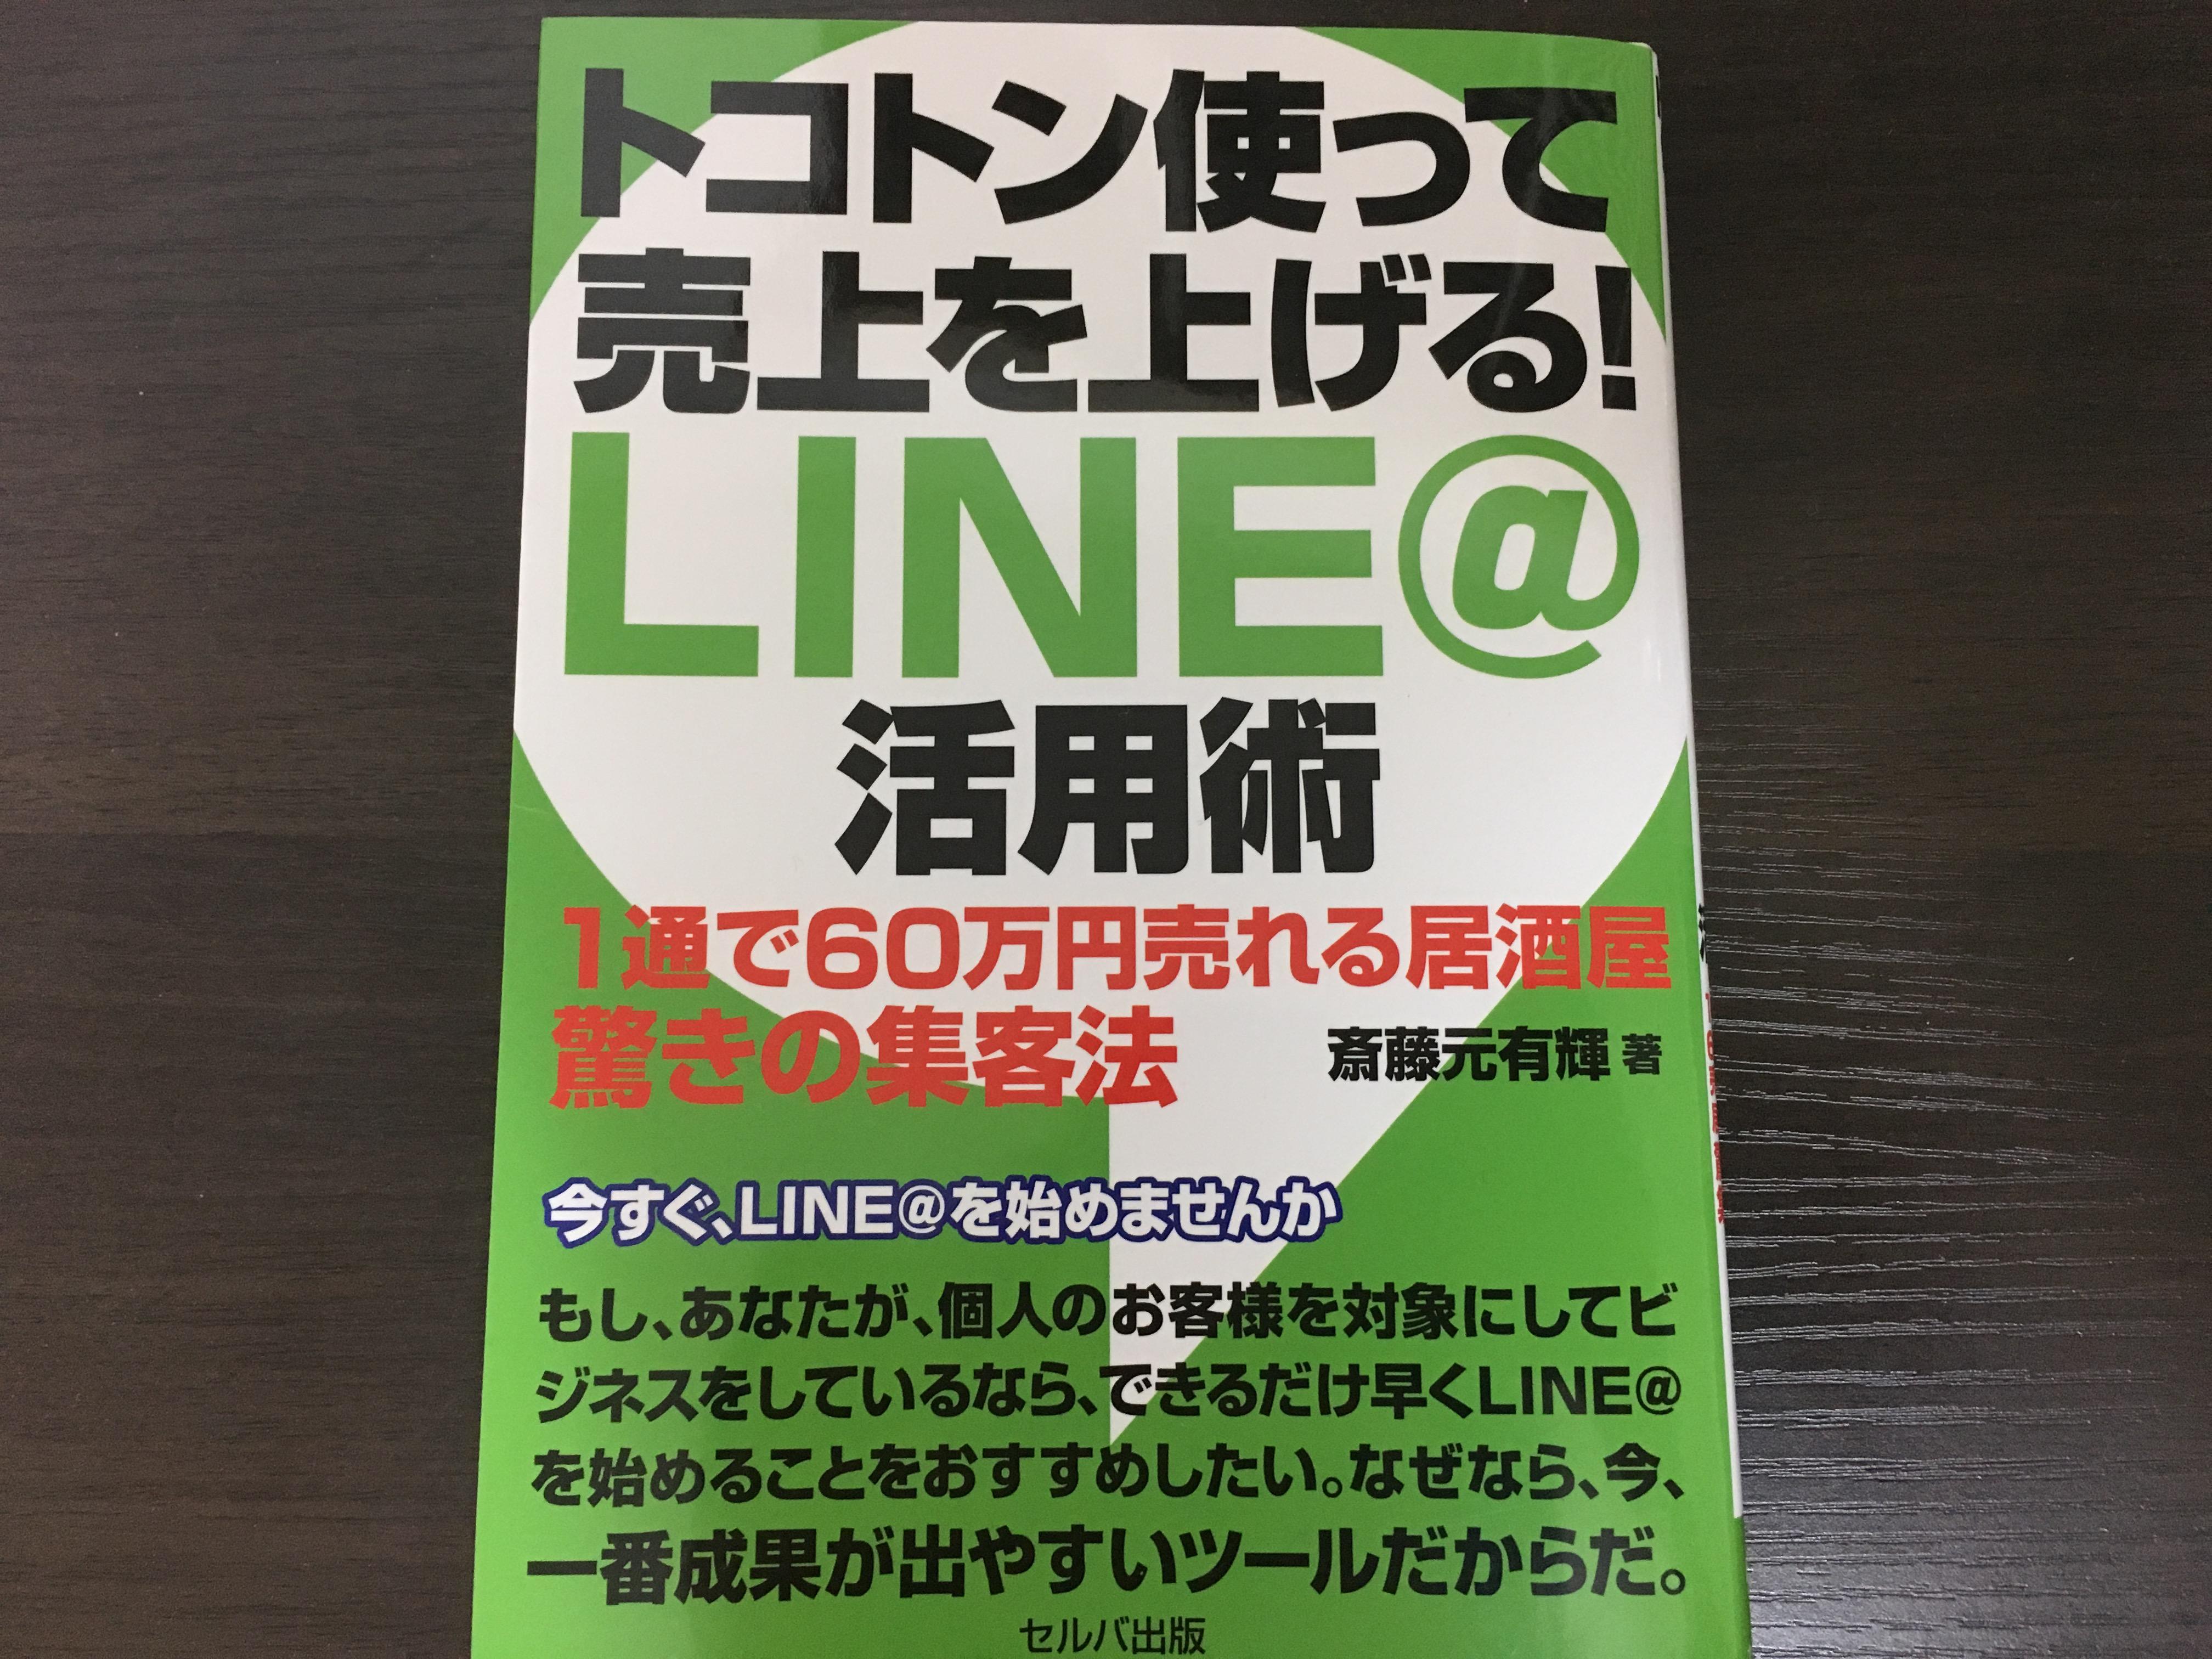 Line@ 日野市